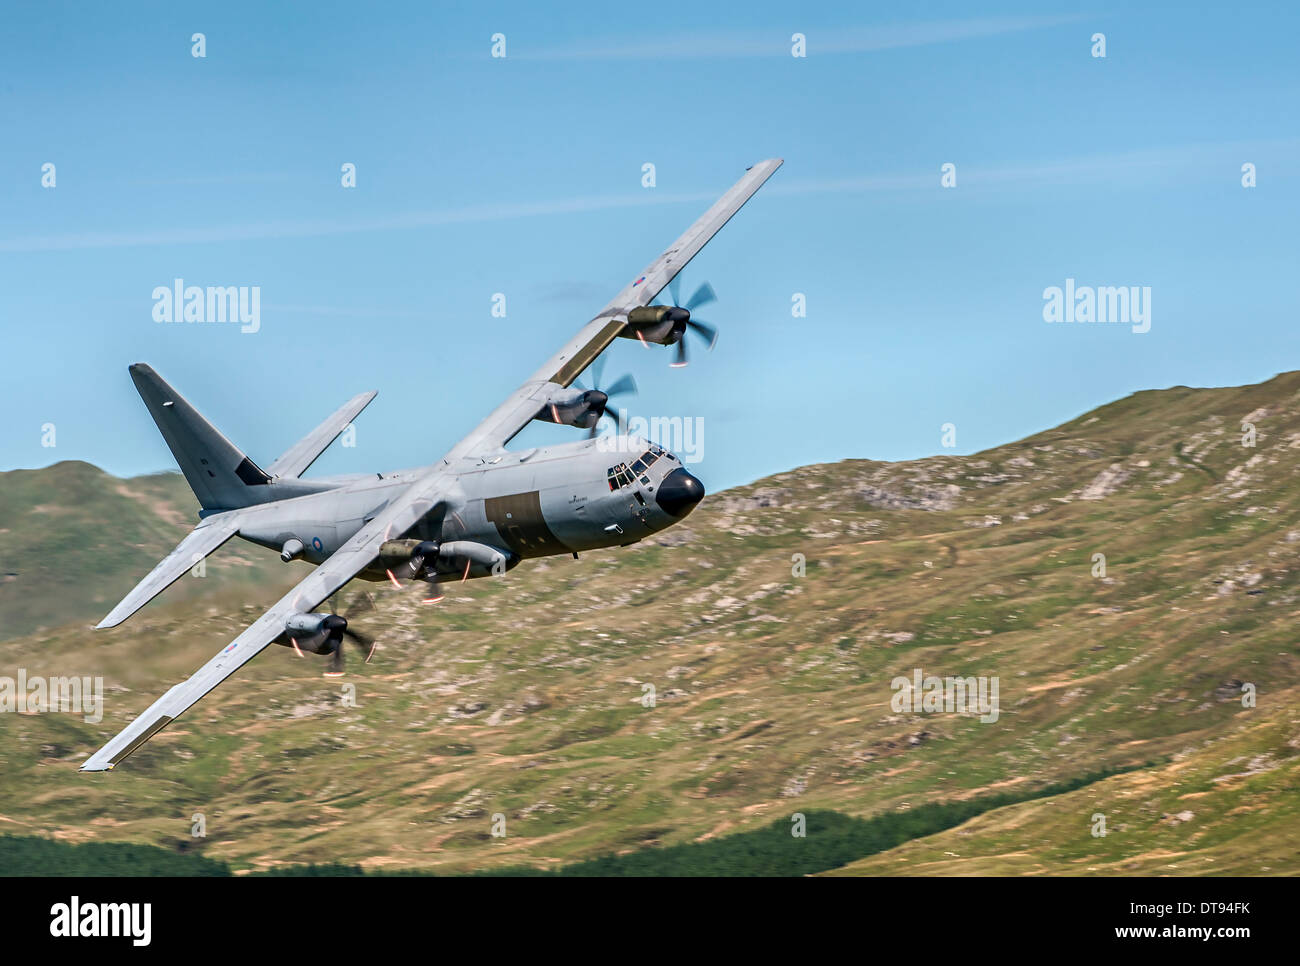 Le C-130 Hercules des aéronefs de transport tactique lowe altitude au nord du Pays de Galles Photo Stock